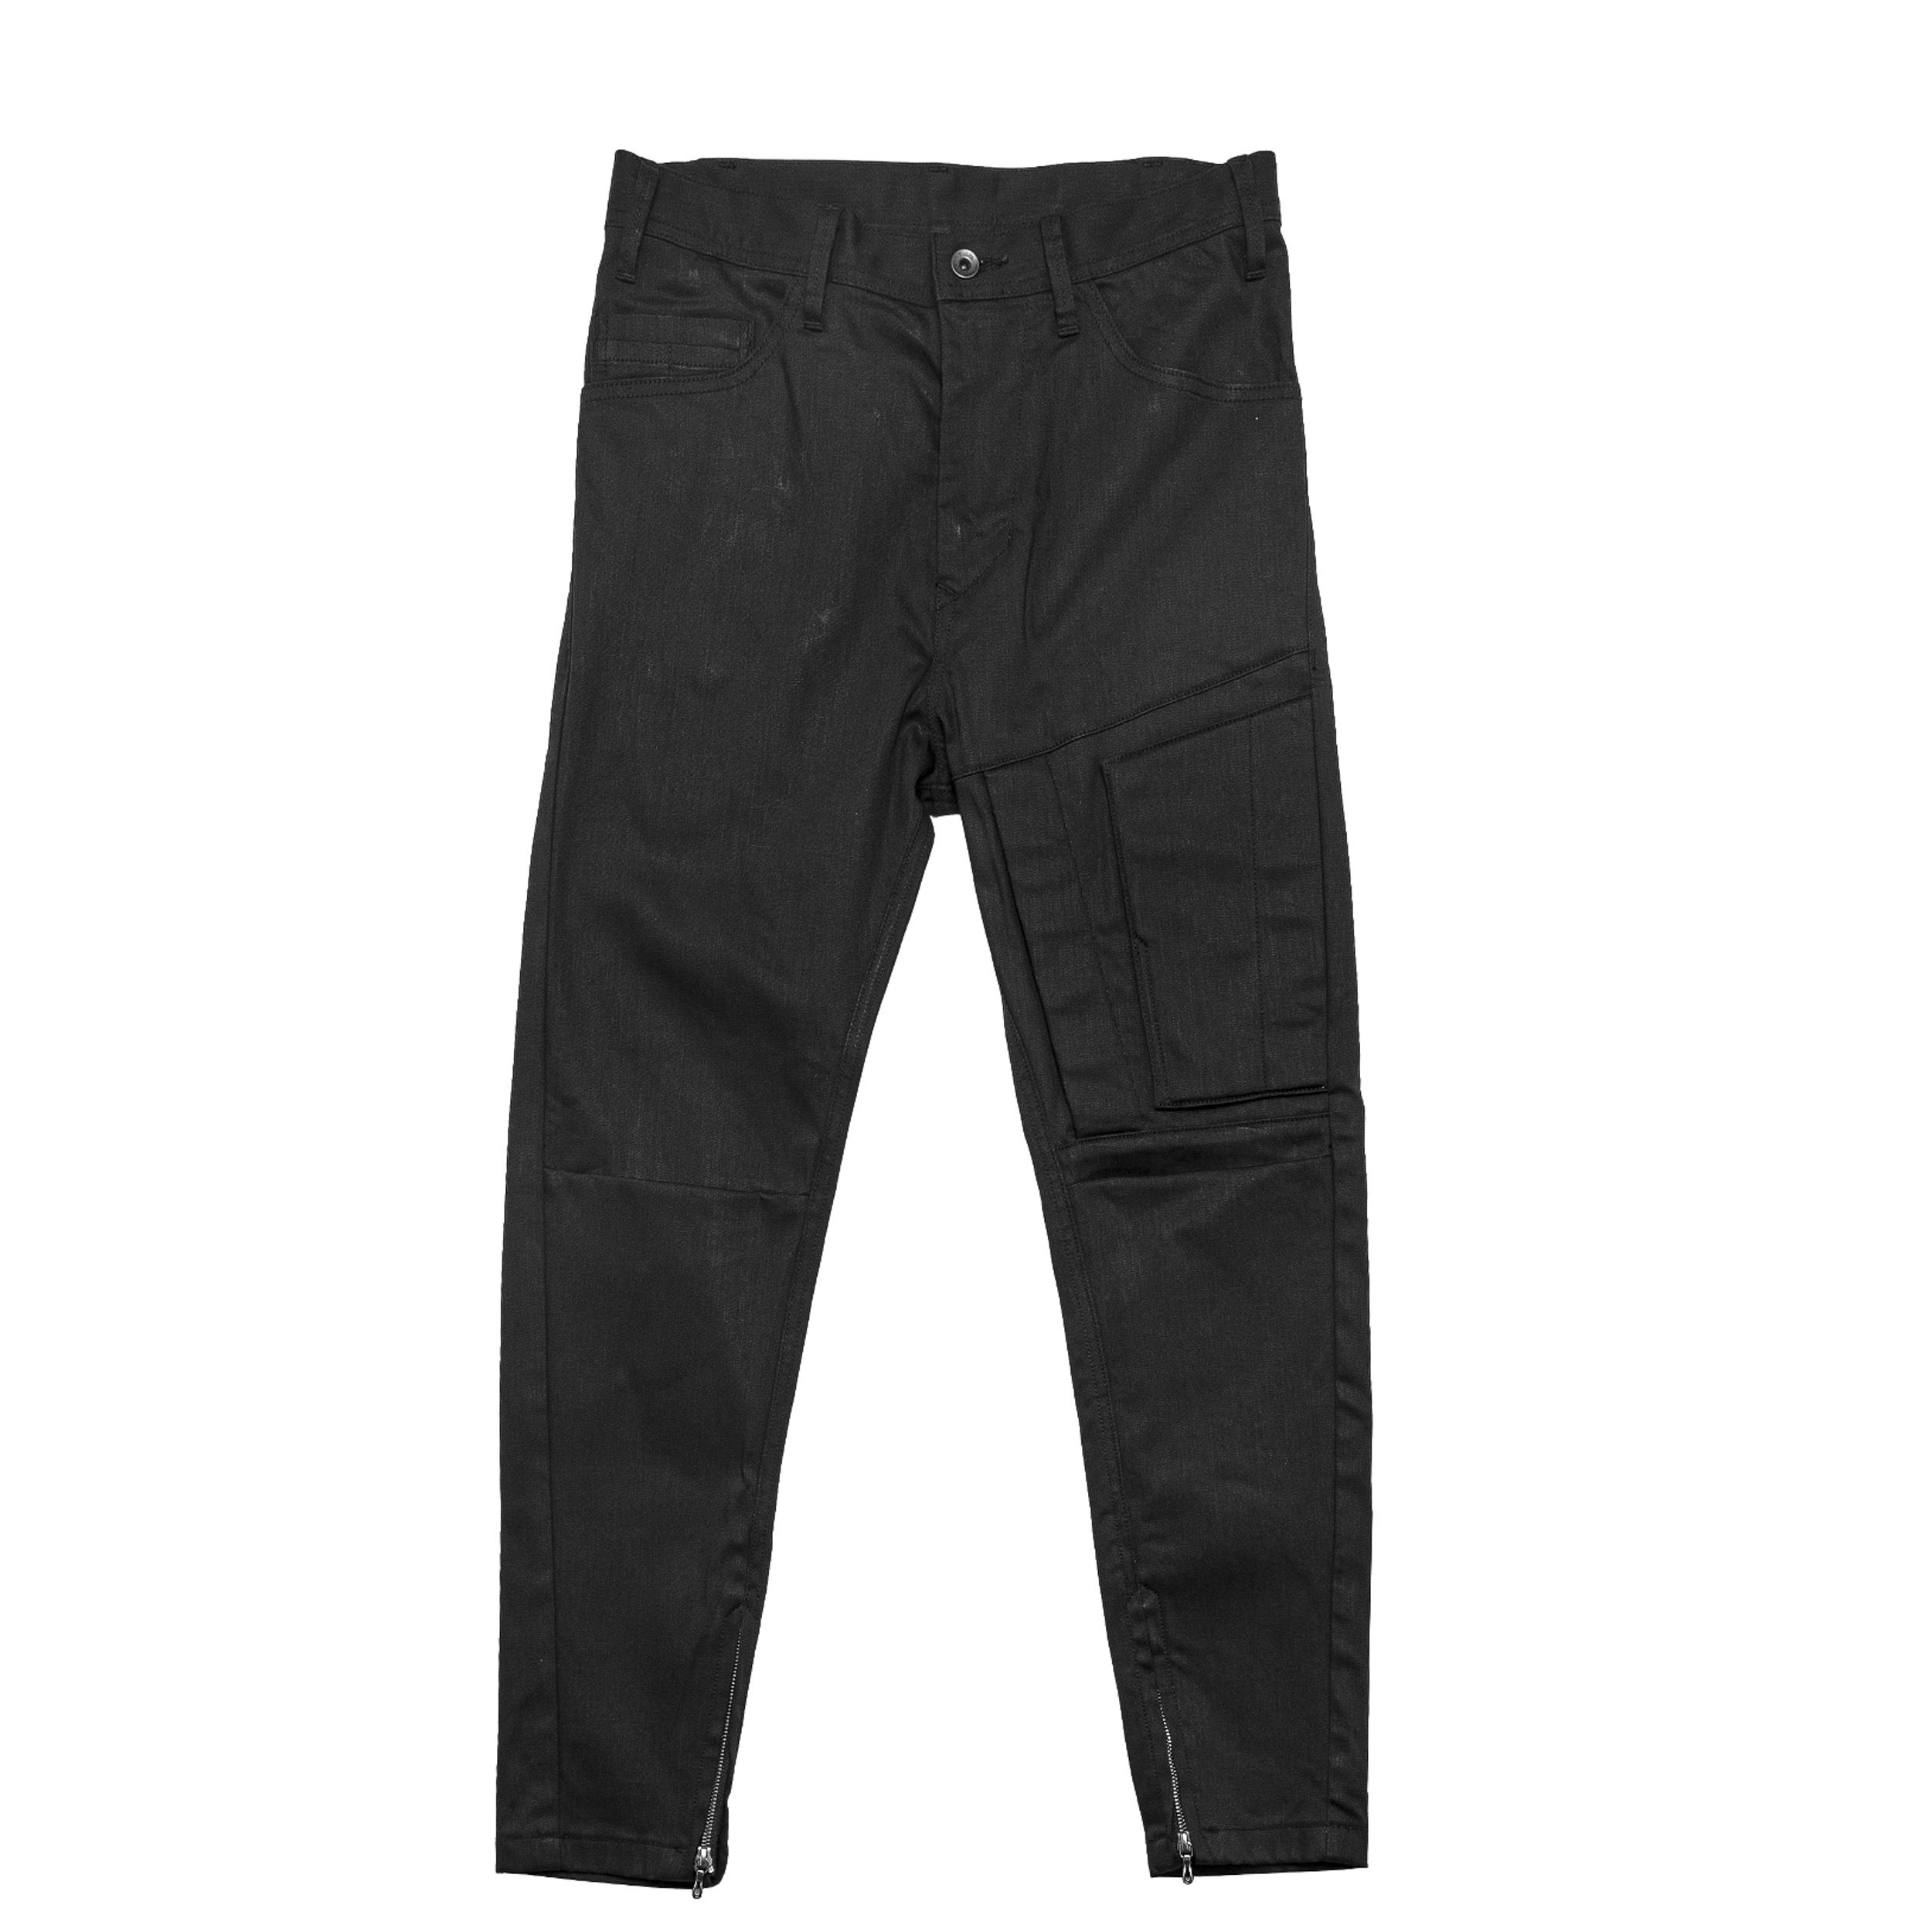 677PAM13-BLACK / レイヤードレッグポケットパンツ